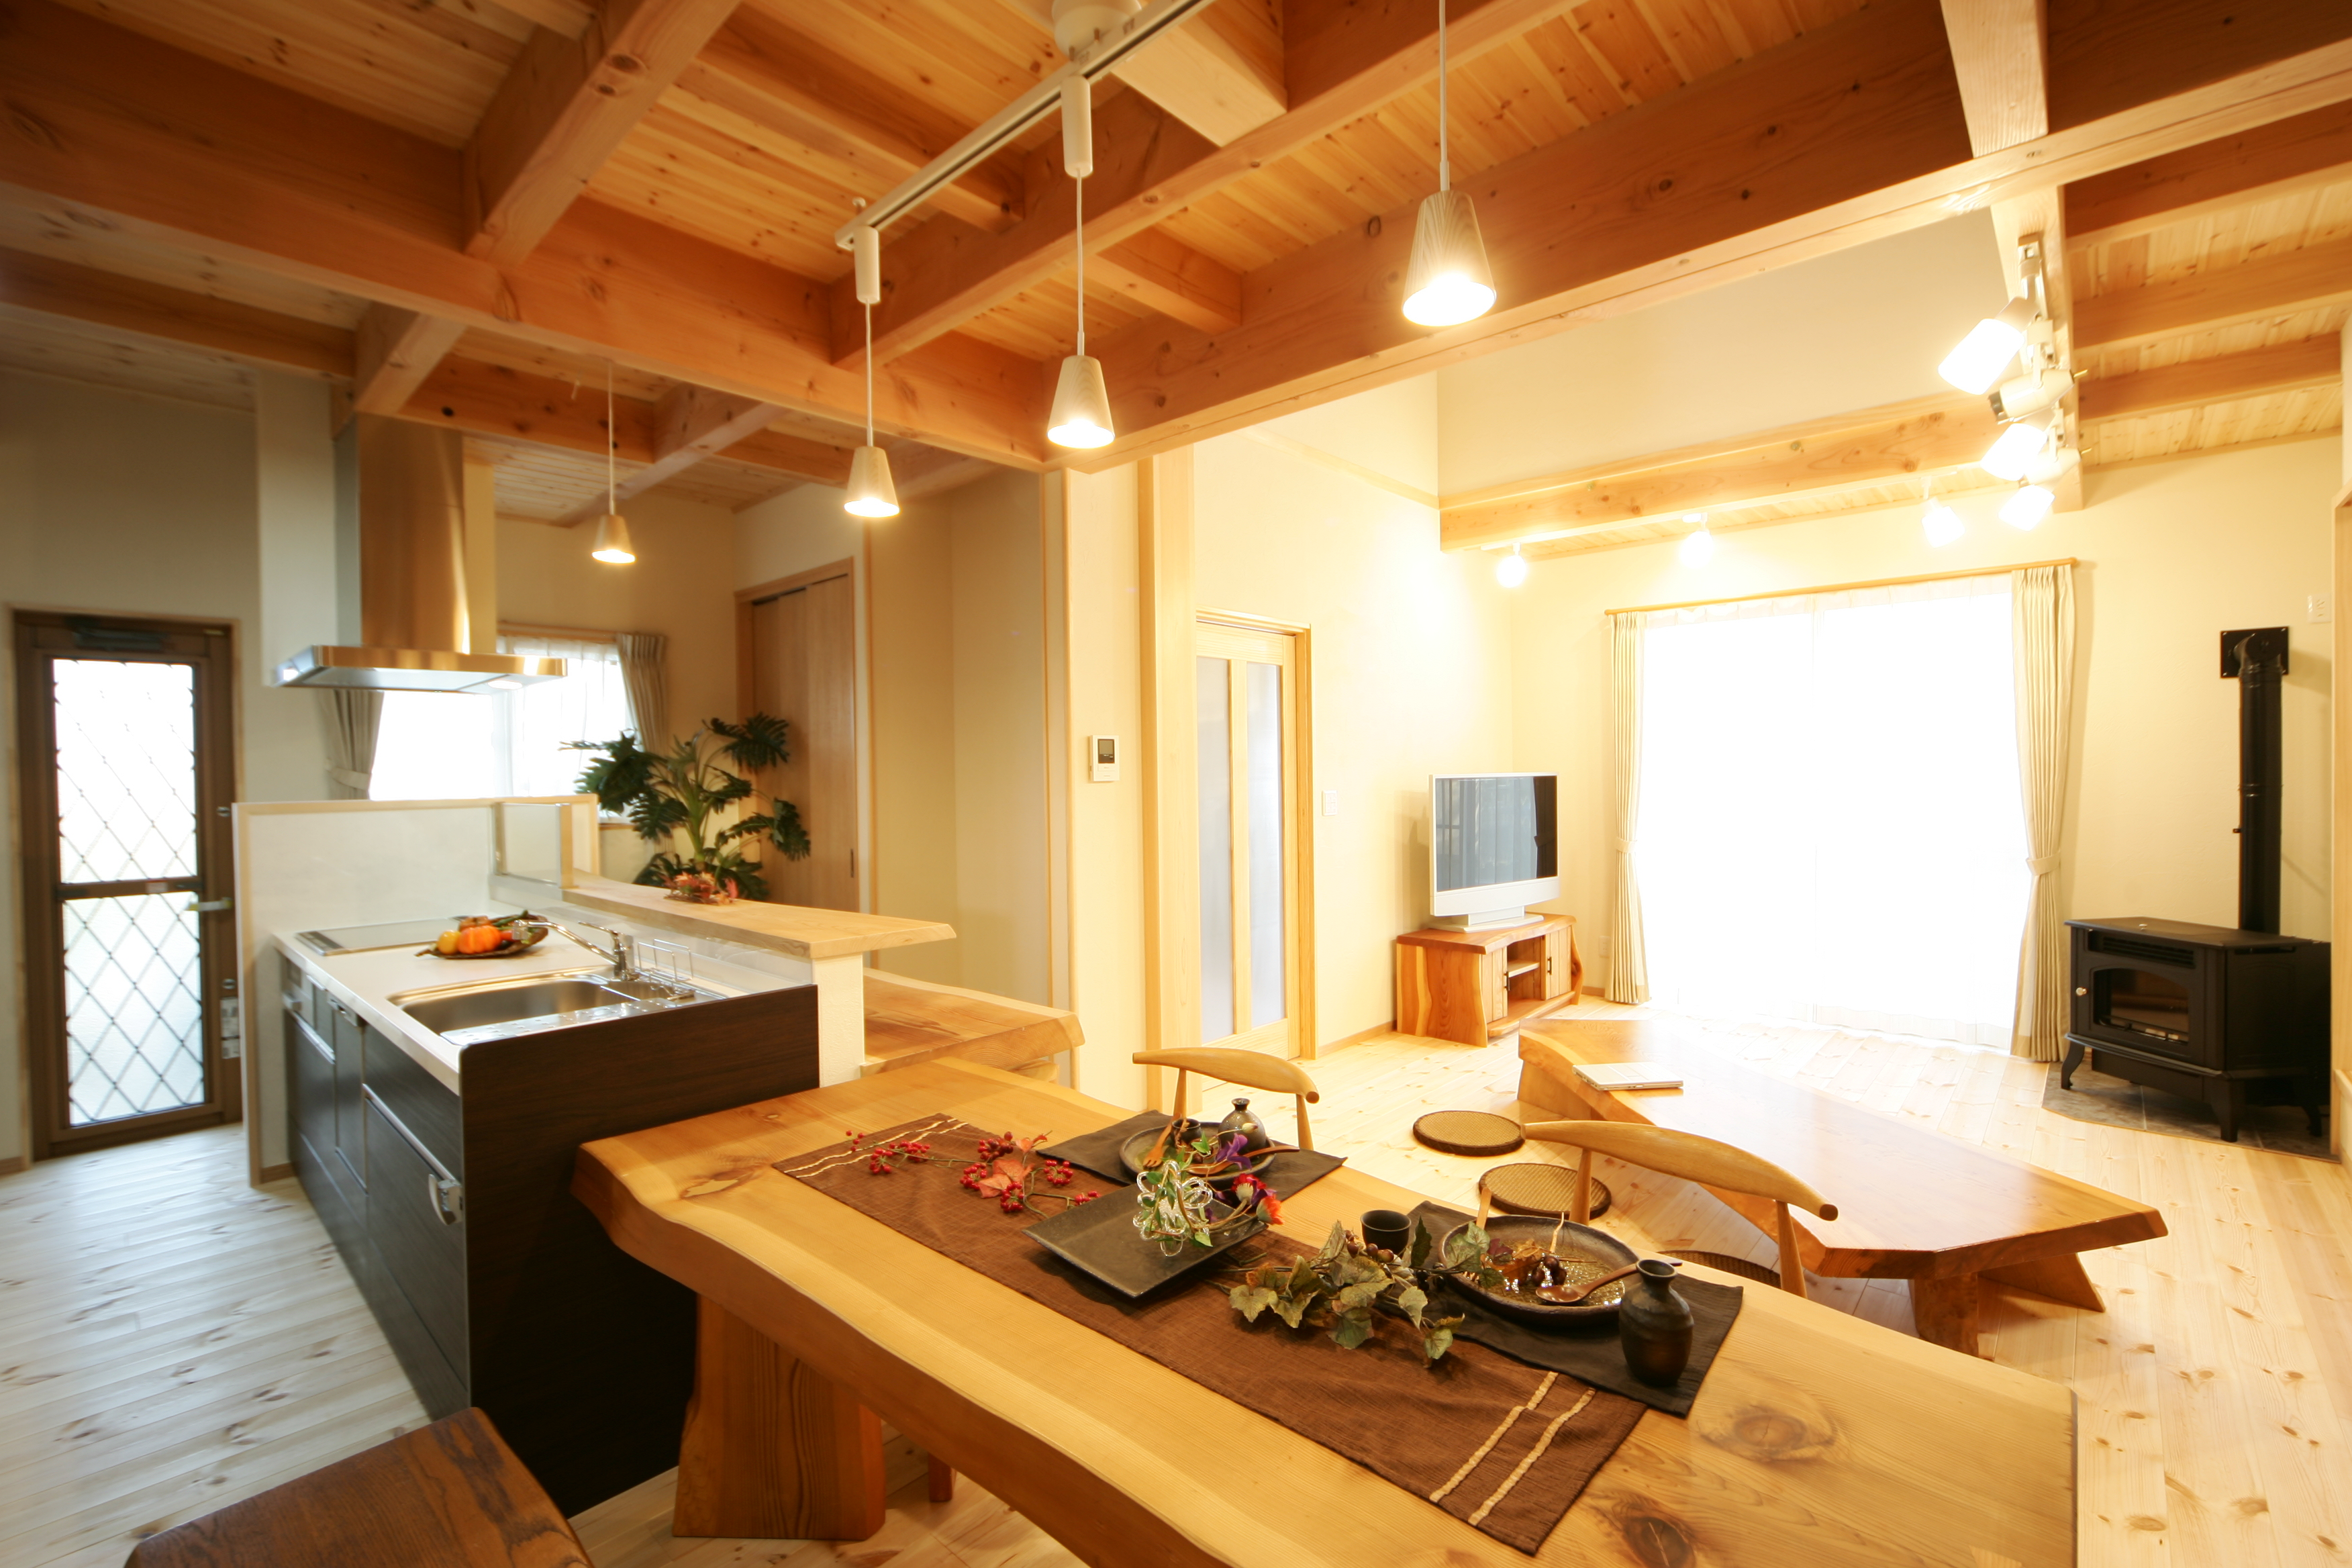 住まいるコーポレーション【和風、自然素材、省エネ】キッチンとダイニングテーブルを一列に並べ、配膳や片付けが格段と便利に。リビングにはペレットストーブがあり、冬は家中が心地よく暖まる